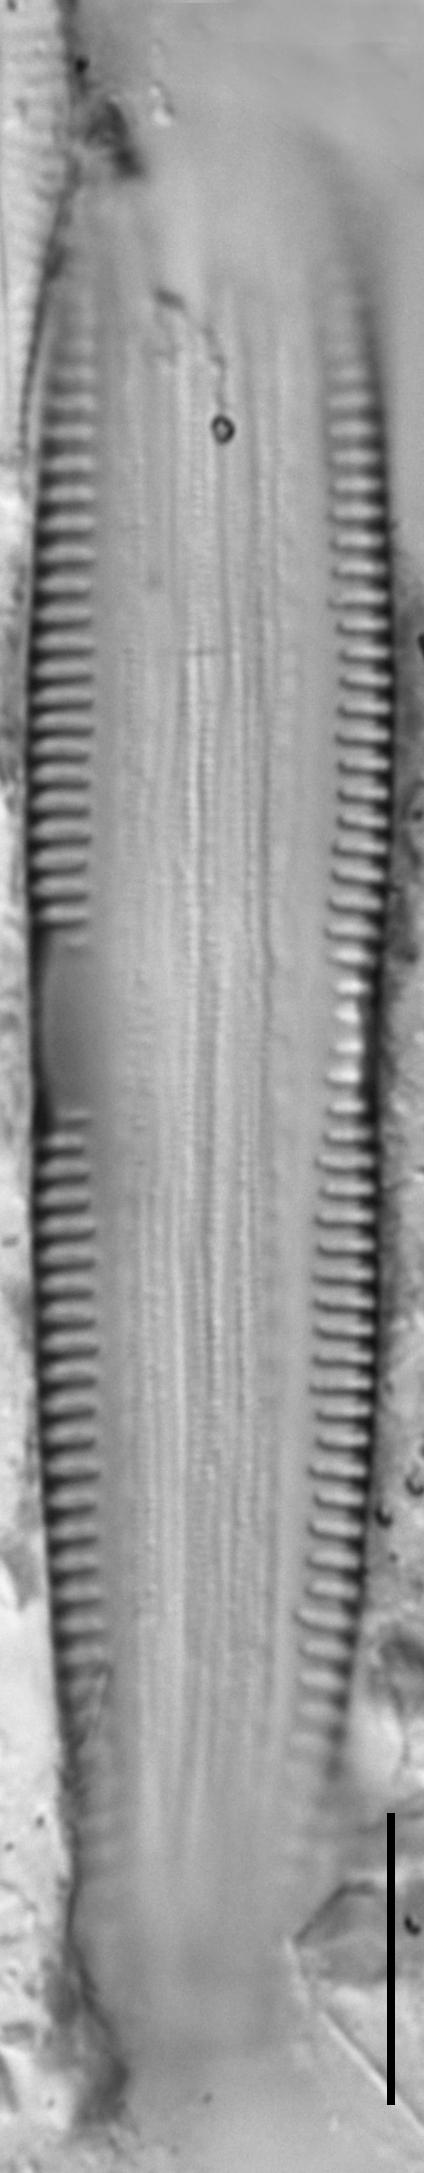 Synedra goulardi LM5